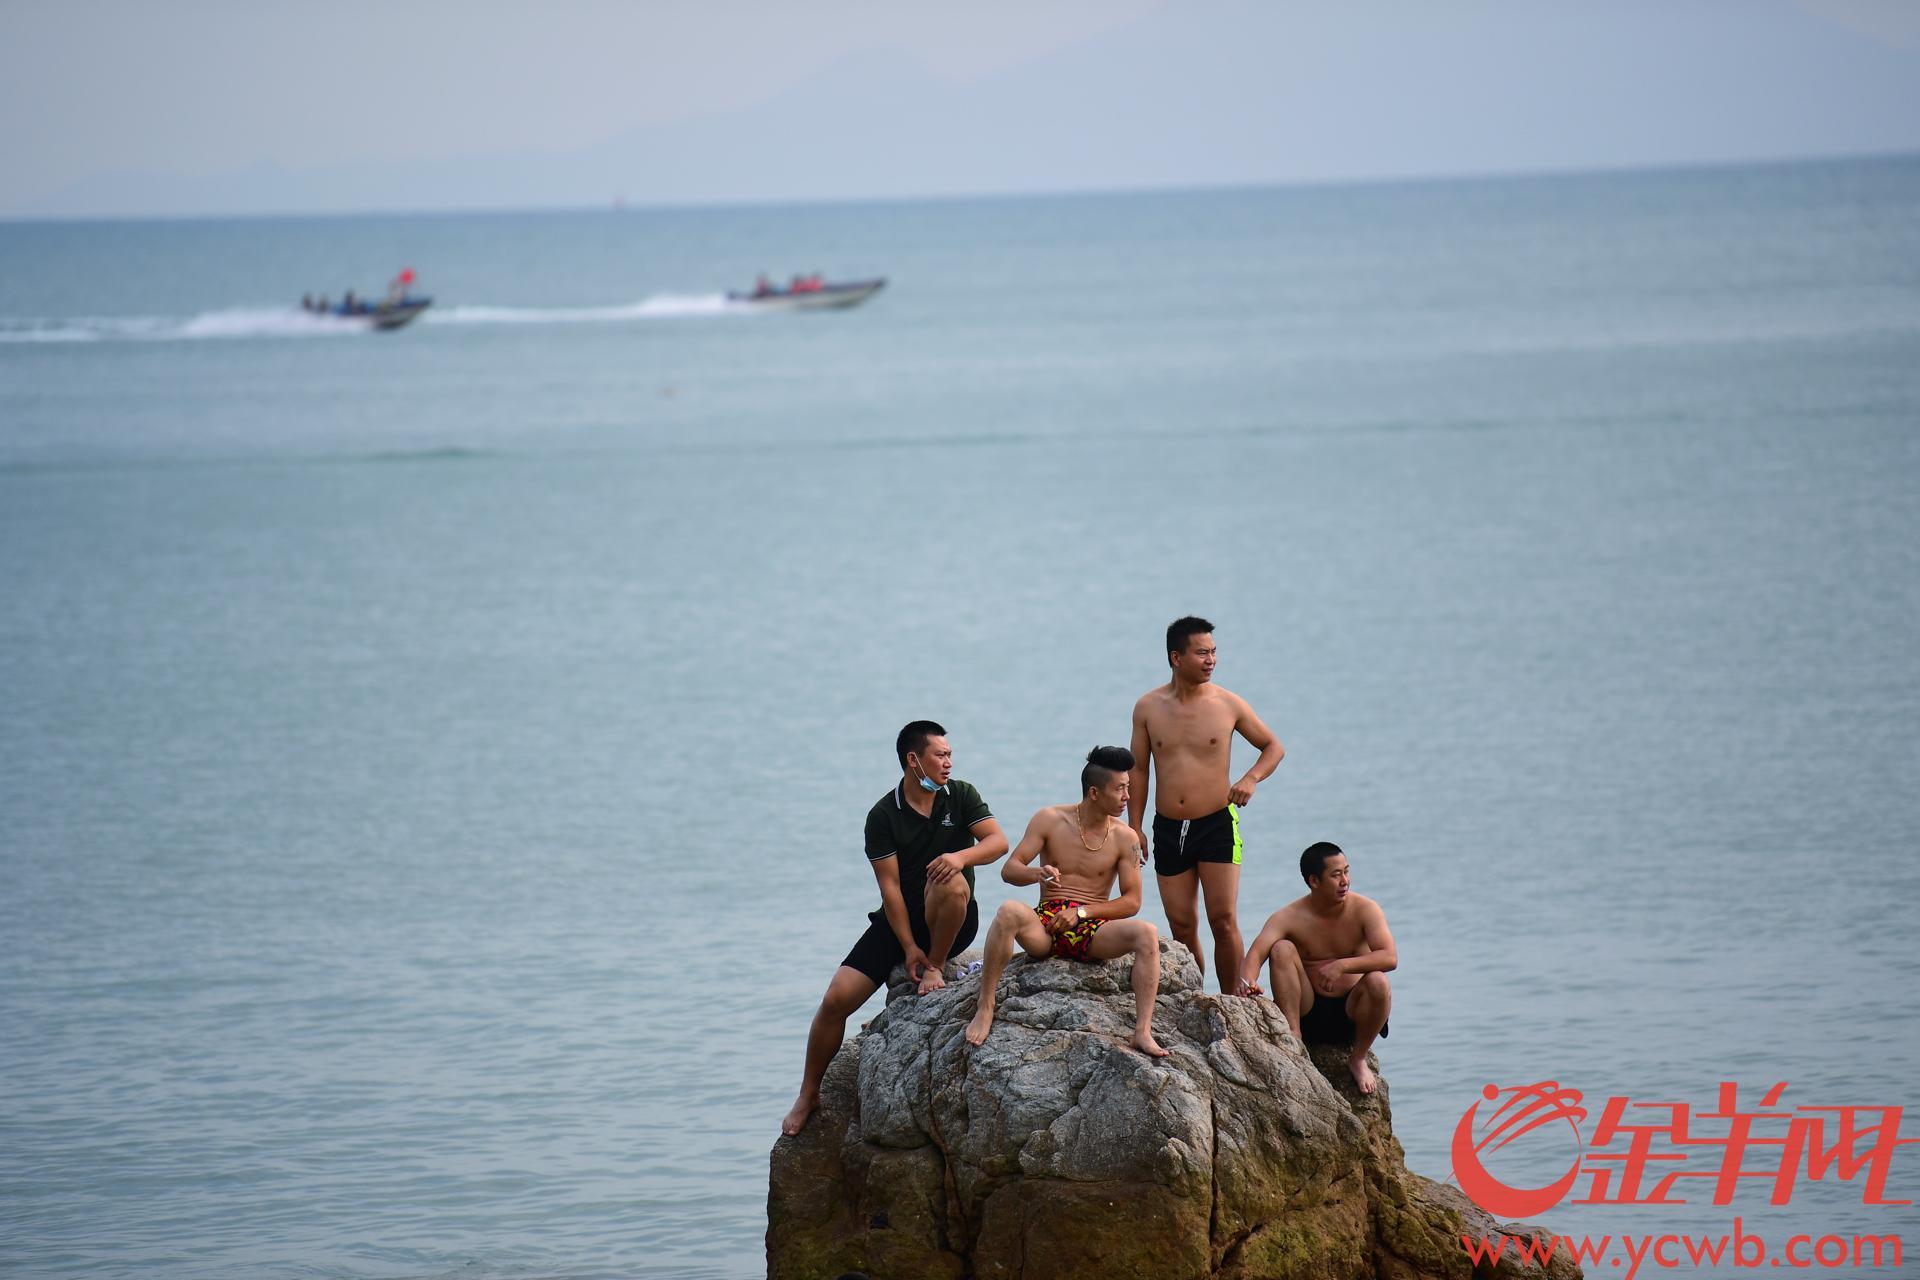 国庆假期余额已不足两天,很多市民抓紧最后的假期时光来到深圳东部的大梅沙、官湖沙滩游玩。不少景点需要预约方可入场,沙滩很干净,大人小孩戏浪游泳乐趣无穷,各种水上娱乐项目如摩托艇、水上飞人、滑翔伞也颇受欢迎。羊城晚报全媒体记者 邓勃 摄